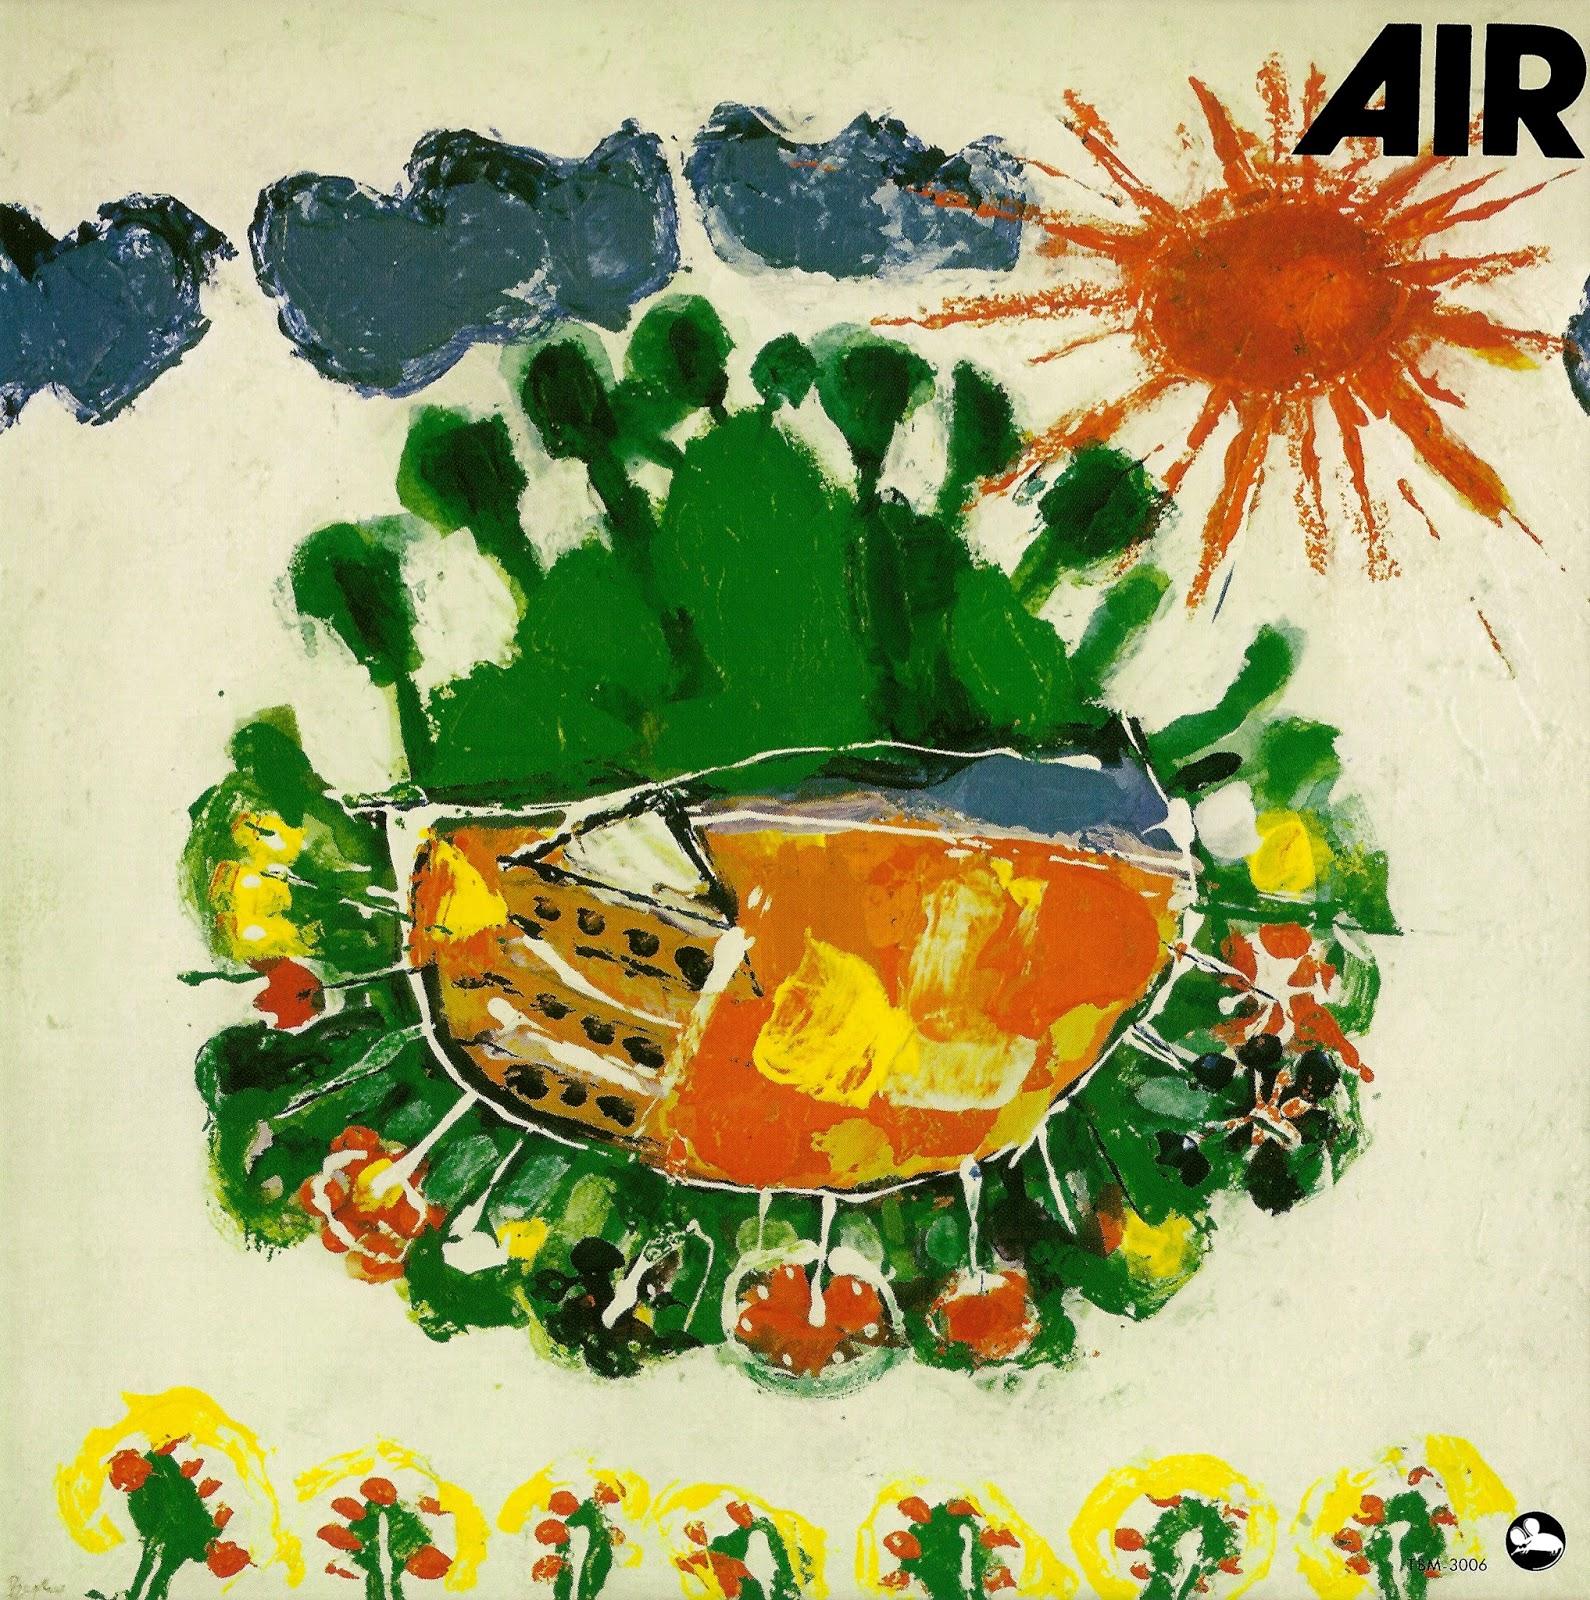 """""""Air"""" foi uma fenomenal banda japonesa de jazz rock formada em meados dos anos setenta pelo percussionista """"Yuji Imamura"""". Só lançaram um excelente álbum, dividido em duas suítes e merecidamente intitulado de """"Yuji Imamura & Air"""", gravado nos estúdios """"Epicurus"""" em Tokyo entre 12 e 20 de abril de 1977 e lançado em LP pelo selo japones """"Three Blind Mice"""" no mesmo ano. Depois foi relançado como CD em 2001 e mini-LP em 2013 pelo mesmo selo. A """"Three Blind Mice"""" ganhou status entre os aficionados em jazz rock, LPs originais são mais escassos do que caros, o CD de 2001 tornou-se quase impossível ser encontrado e por este motivo eu fiquei muito entusiasmado com o formato de mini-LP. O som da banda era experimental e claramente influenciado pelo groove jazz funk dos álbuns de """"Miles Davis"""", porém somente nos trompetes, porque o saxofone é bem melhor em vez de similar, com muito mais flauta do que os clássicos de """"Miles"""", e com muita guitarra wah wah e percussão para enlouquecer qualquer um. Se você gosta de bandas como """"Dark Magus"""", """"Agharta"""", e """"Pangaea"""" certamente vai curtir """"Yuji Imamura & Air"""" também. Poucos jazzistas do Japão foram altamente influenciados por """"Miles Davis"""", e o percussionista """"Imamura"""" é um dos melhores que eu já ouvi até hoje. Joia rara que muito interessa aos aficionados em jazz rock e colecionadores em geral, recomendo."""